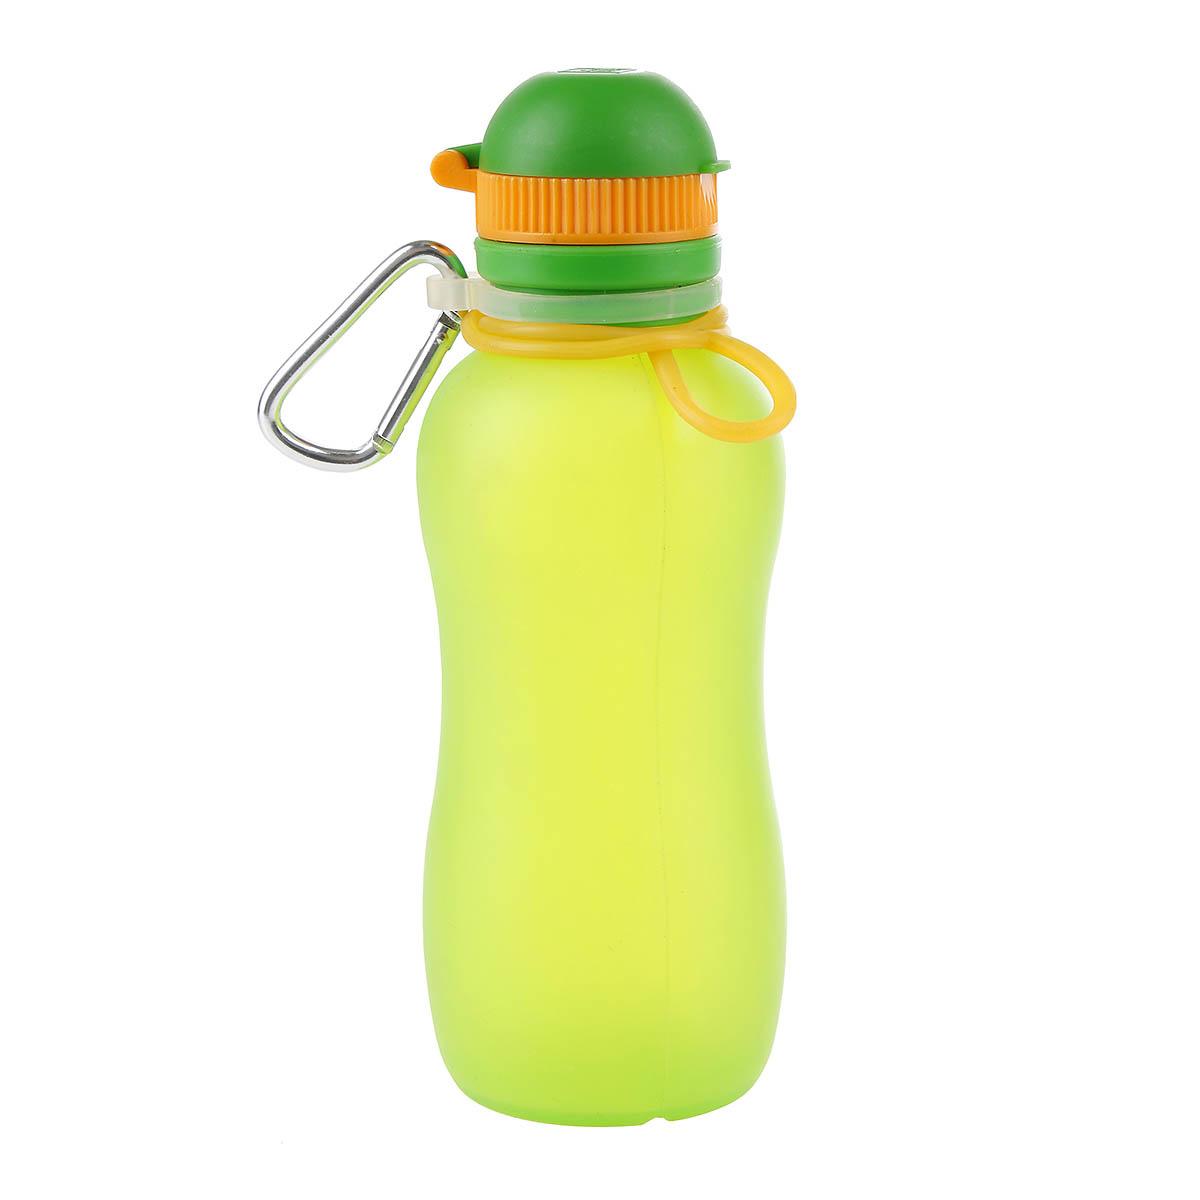 Viv Bottle 3.0 - Opvouwbare Siliconen Fles - Bidon - Groen 500ml